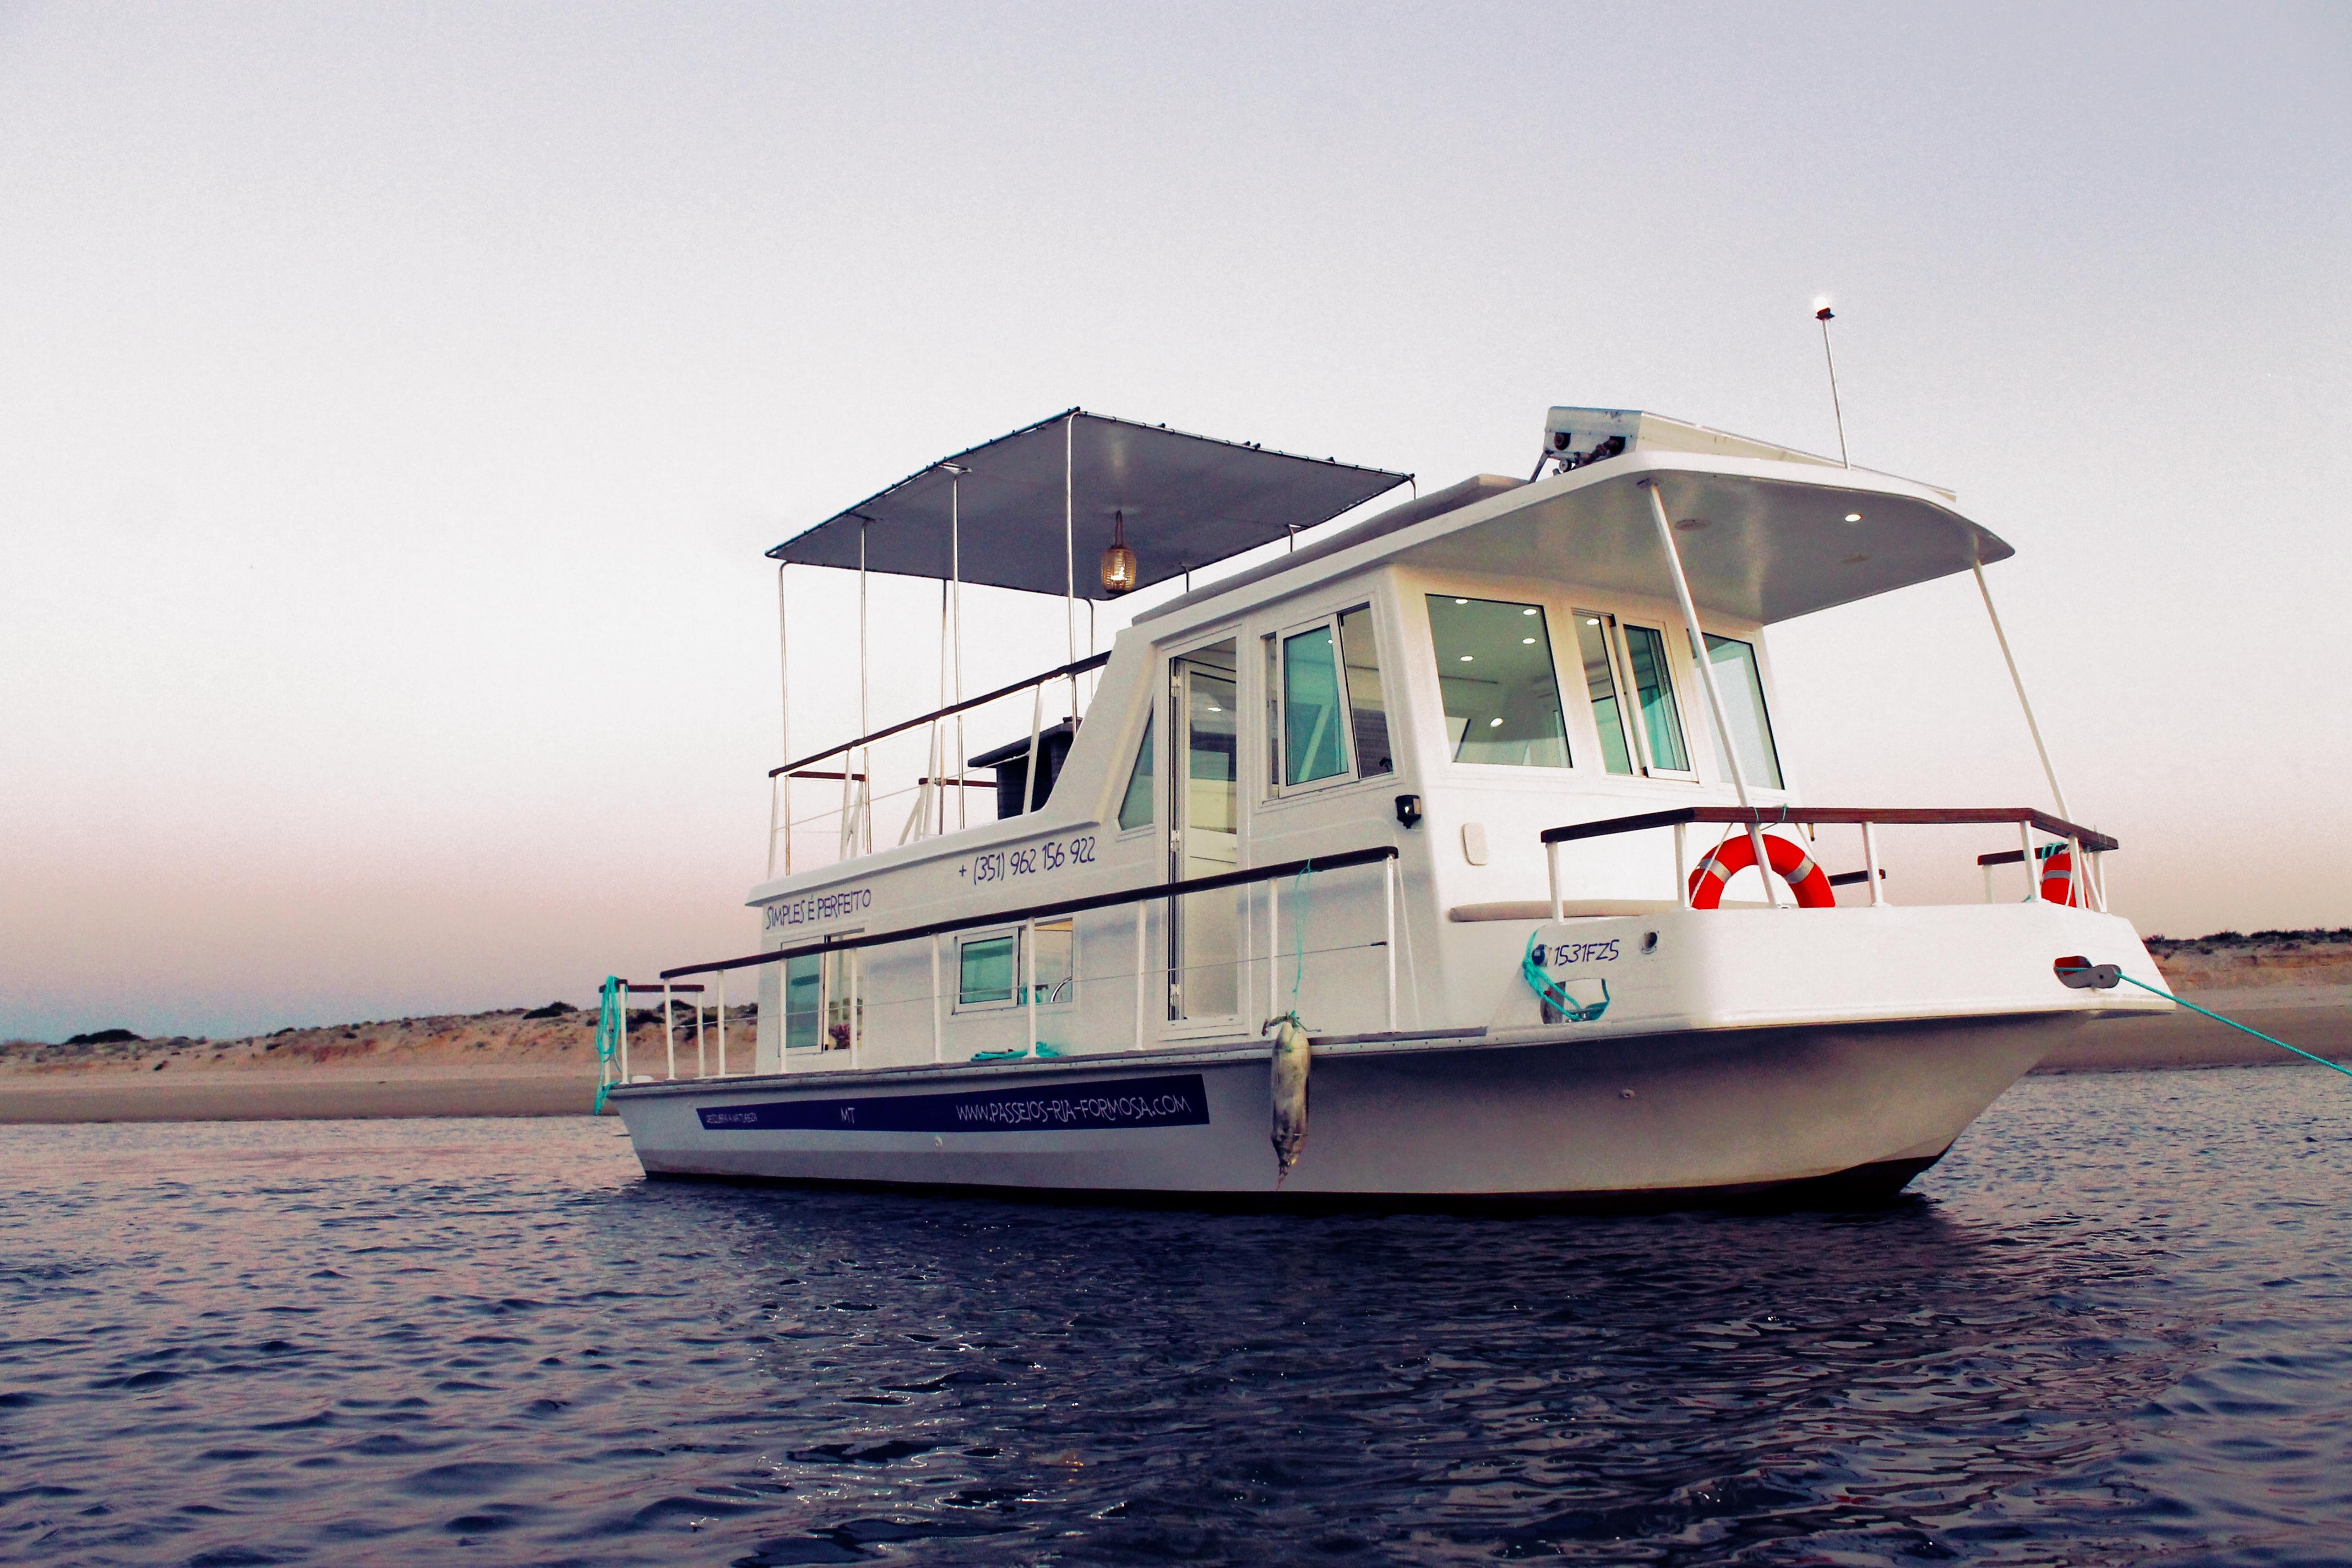 Ilha da Culatra House-Boat, Olhão